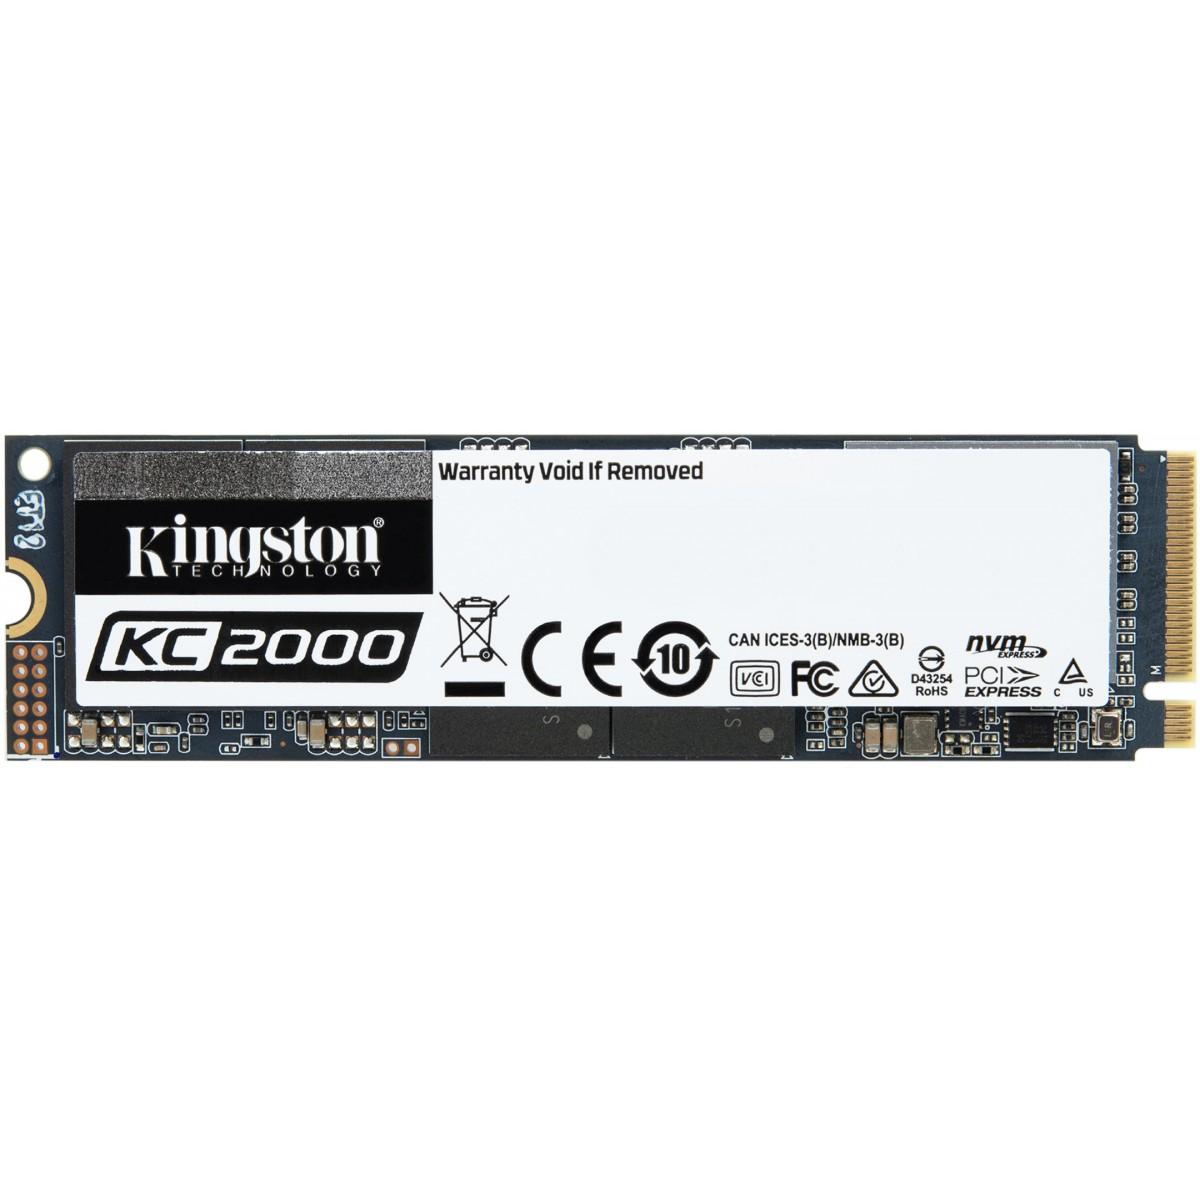 SSD Kingston KC2000, M.2, 500GB, Leitura 3000MBs e Gravação 2000MBs, SKC2000M8/500G